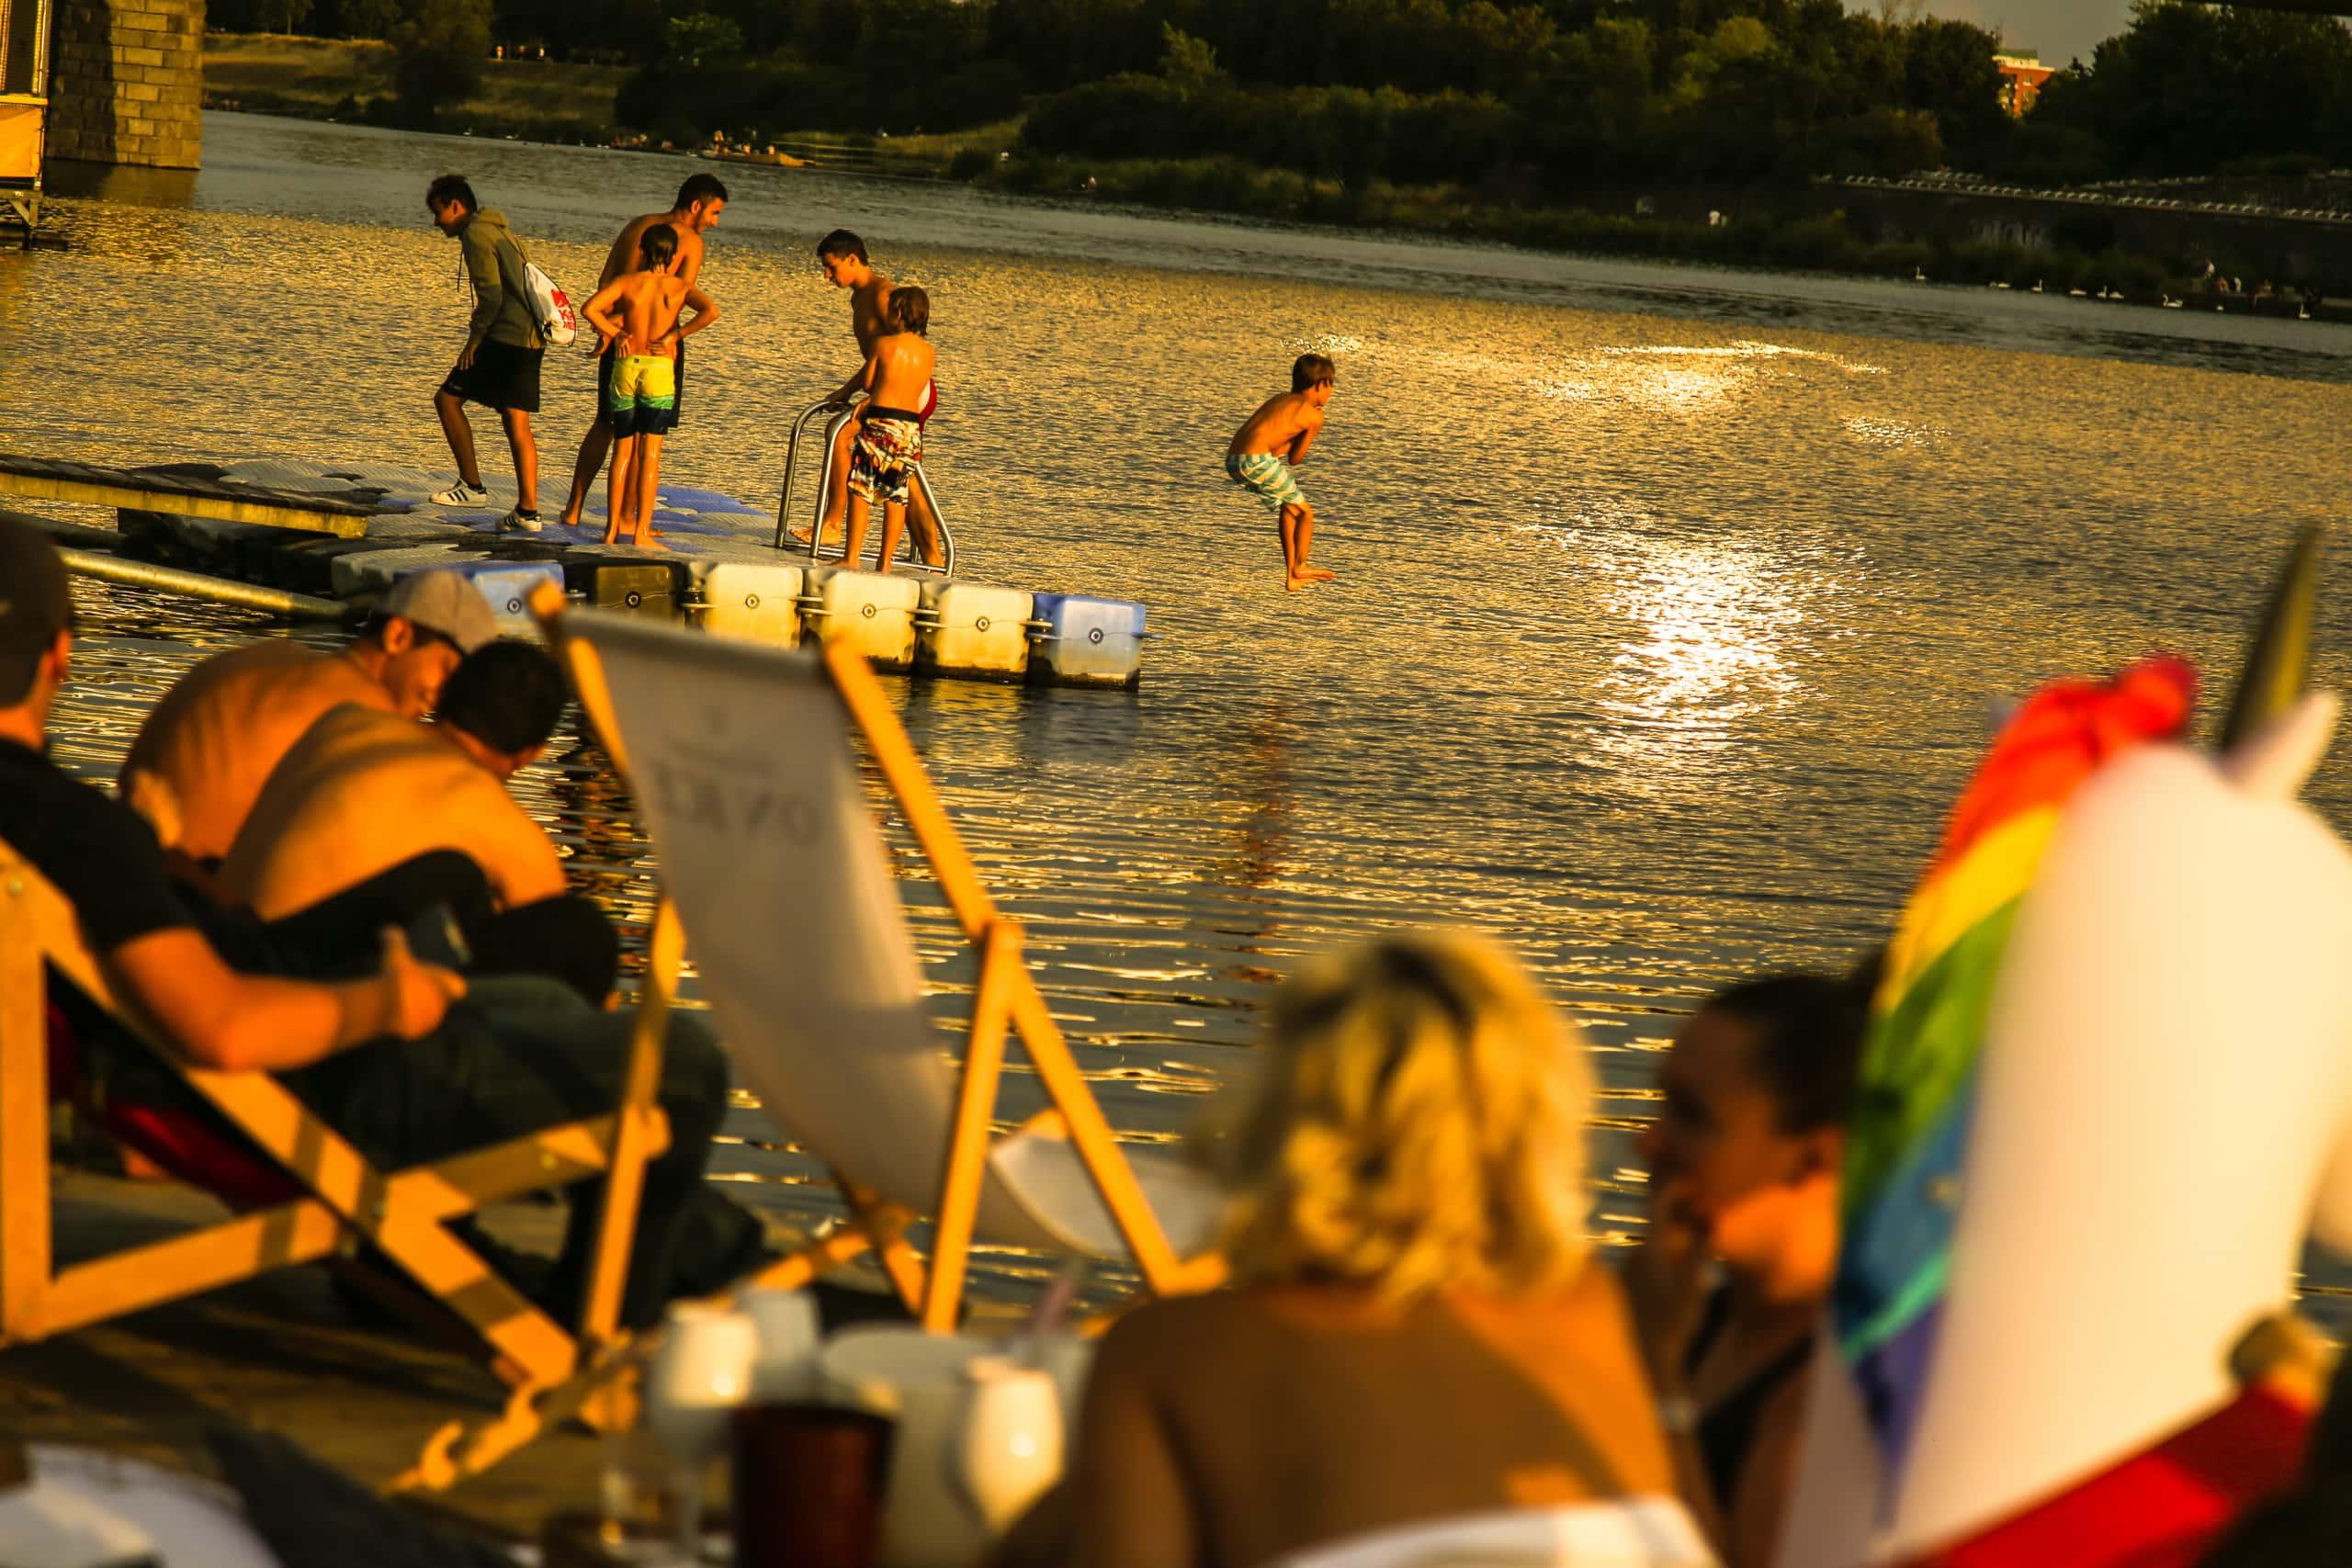 Menschen an der Donau bei Sonnenuntergang.